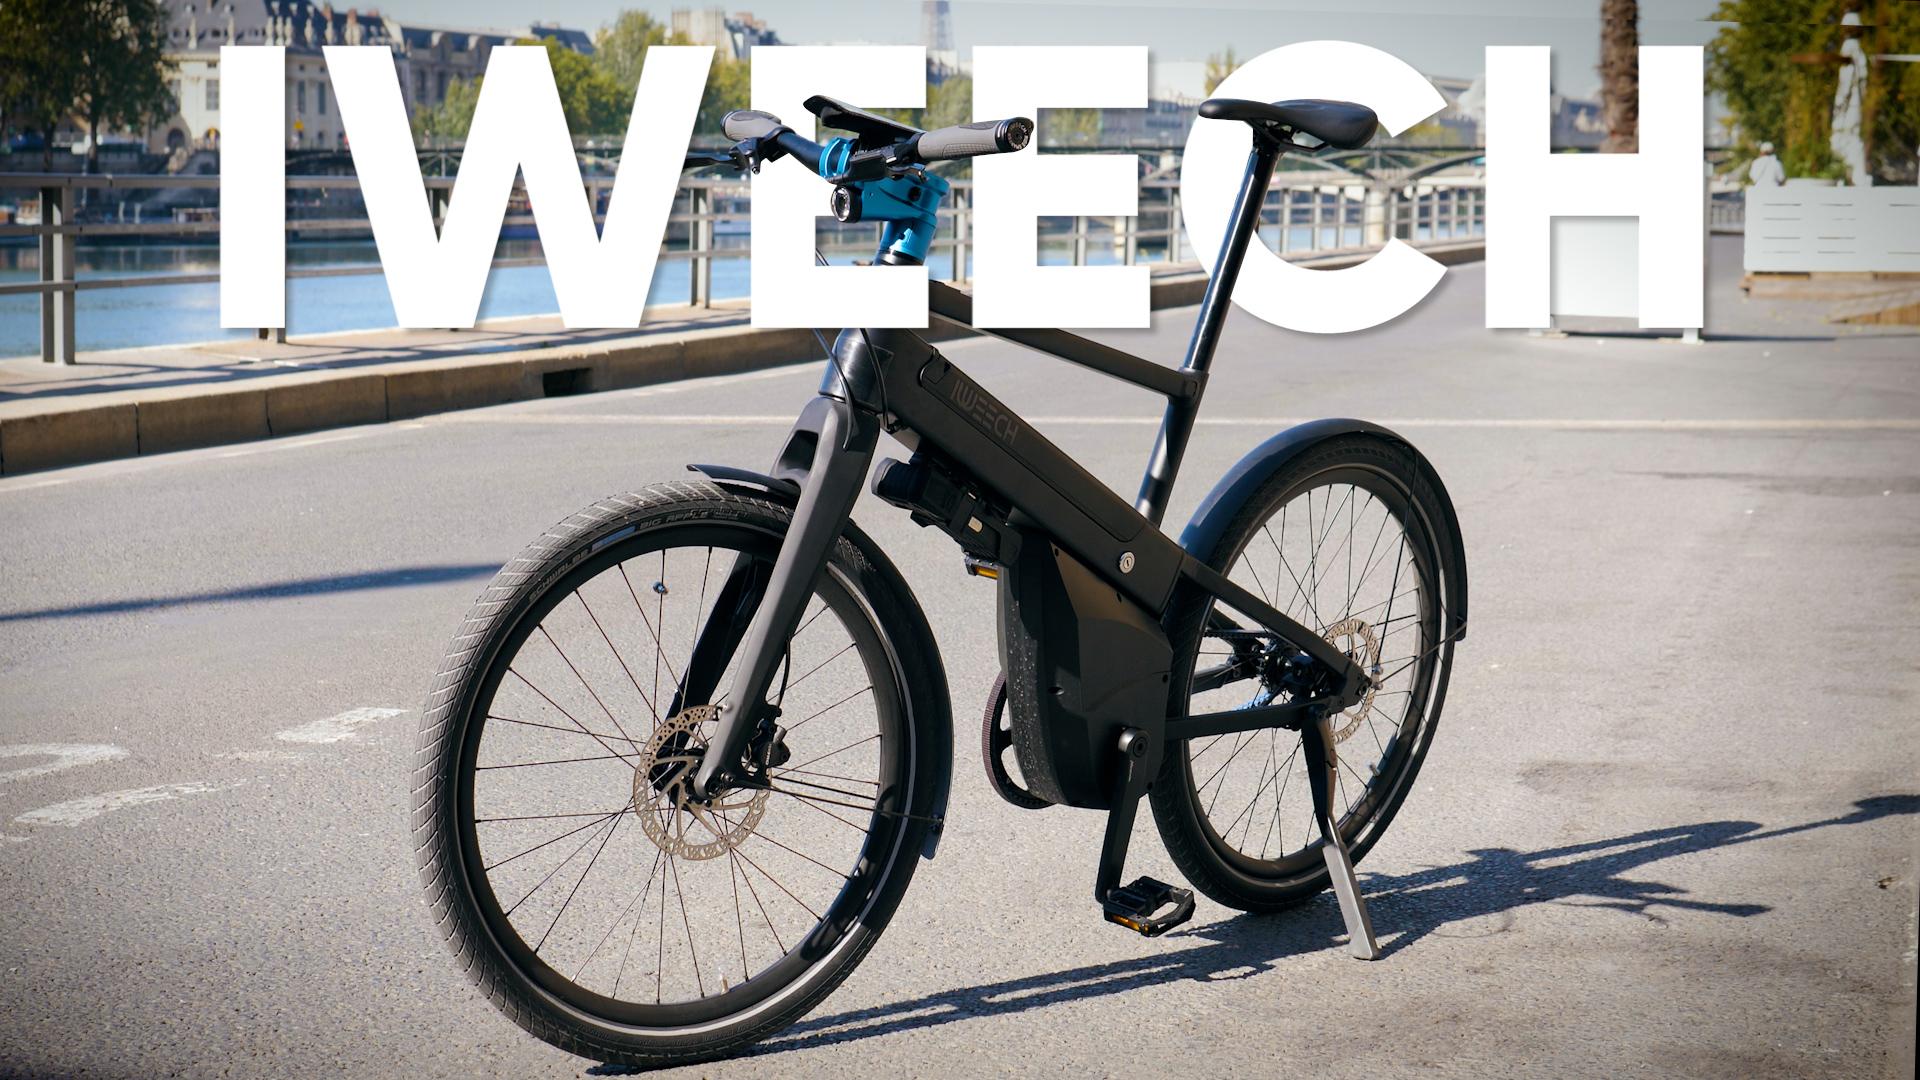 Test du vélo Iweech : une excellente surprise !